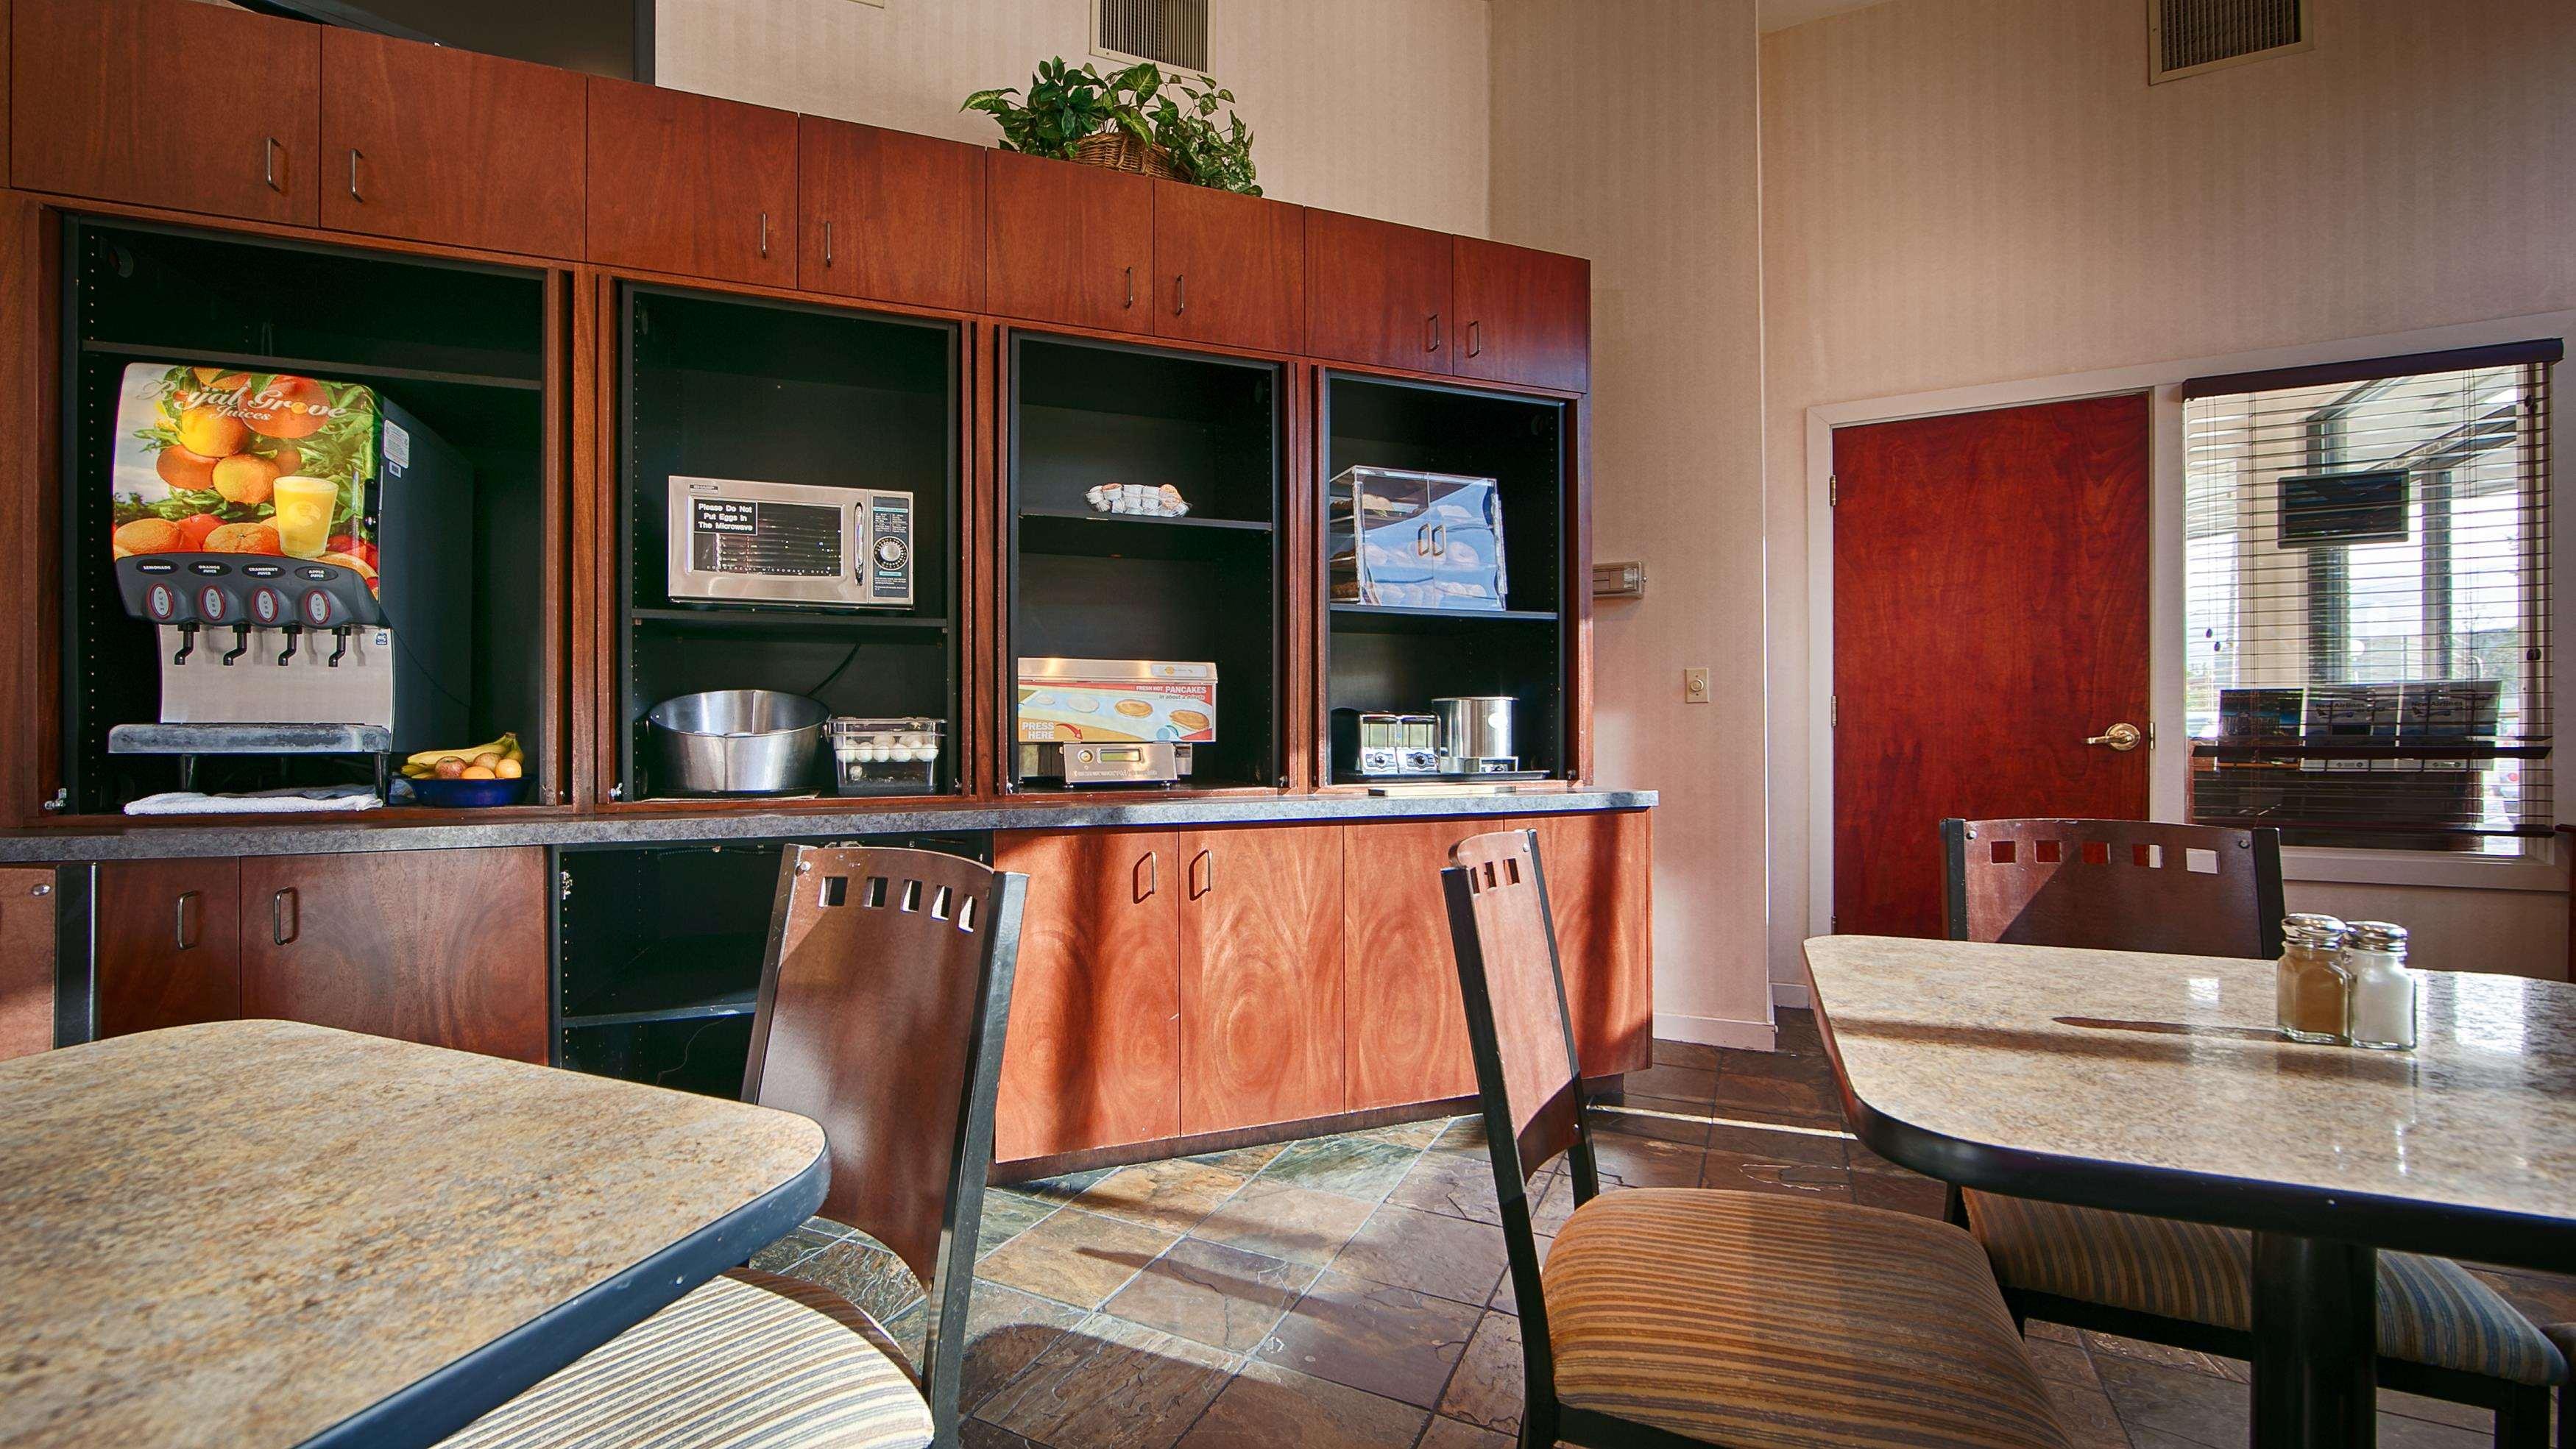 Best Western Greentree Inn image 36